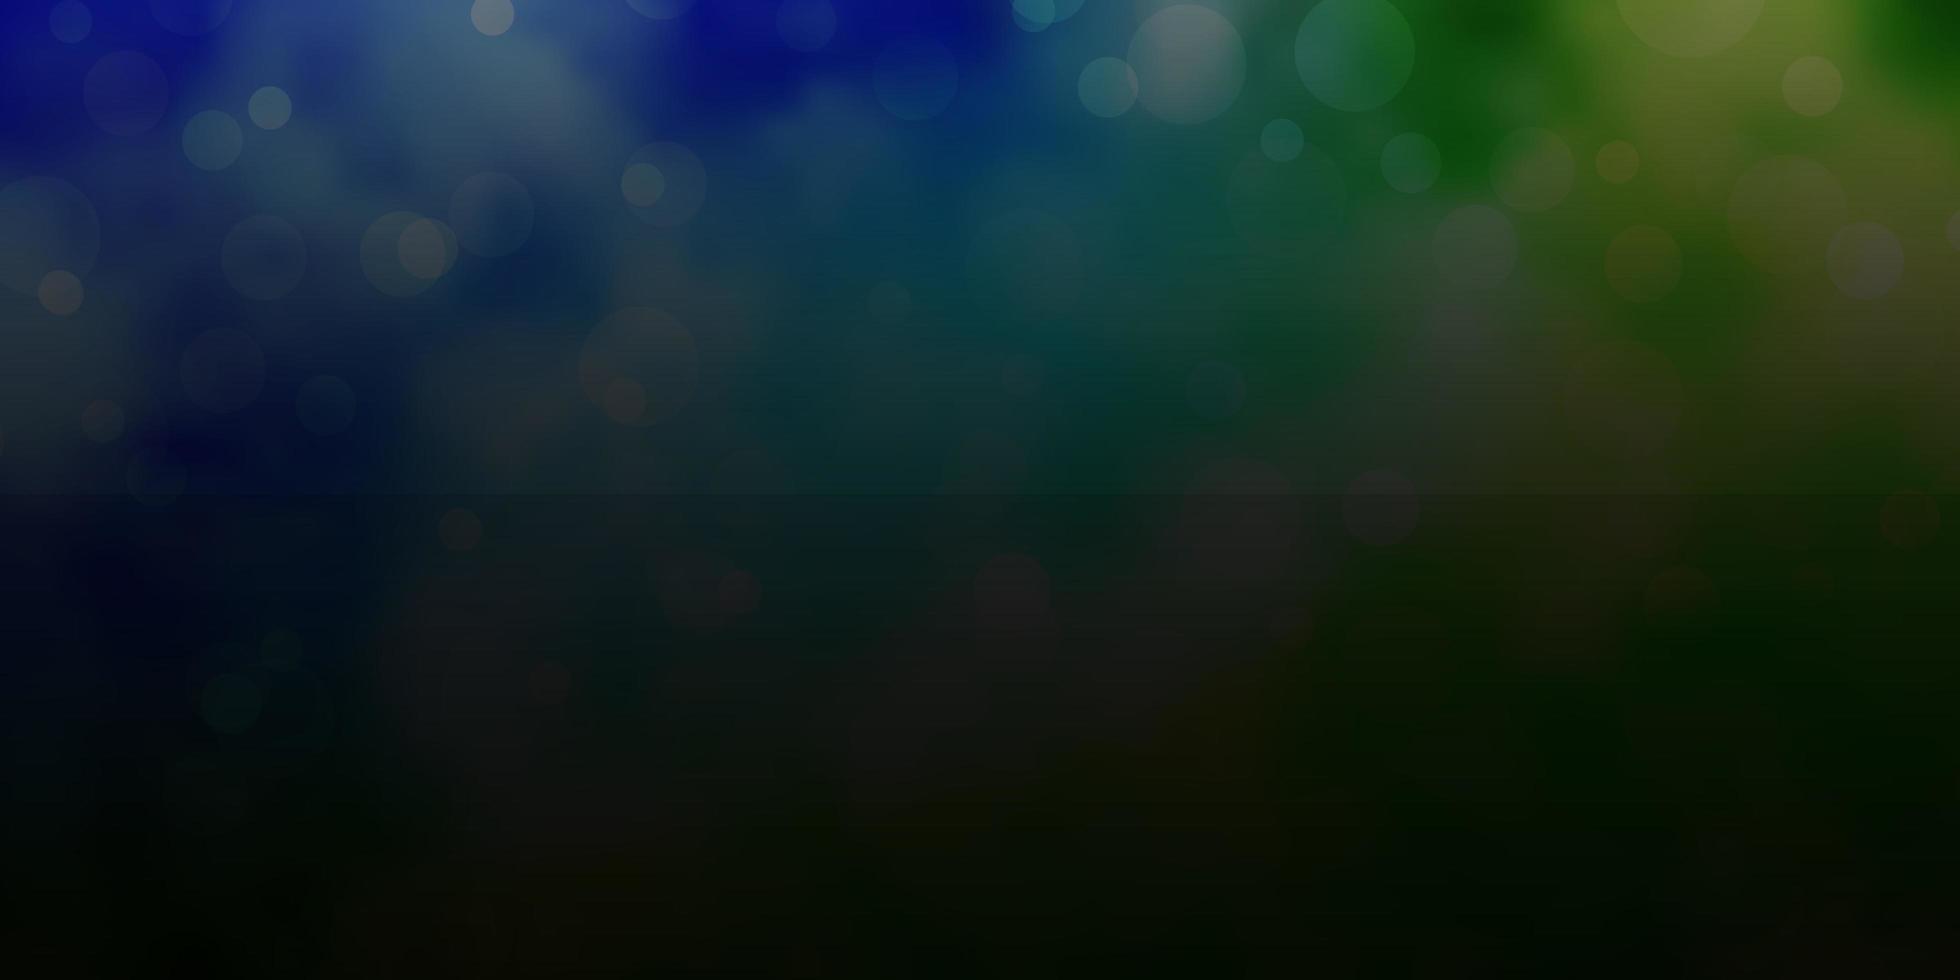 blauw en groen patroon met cirkels. vector